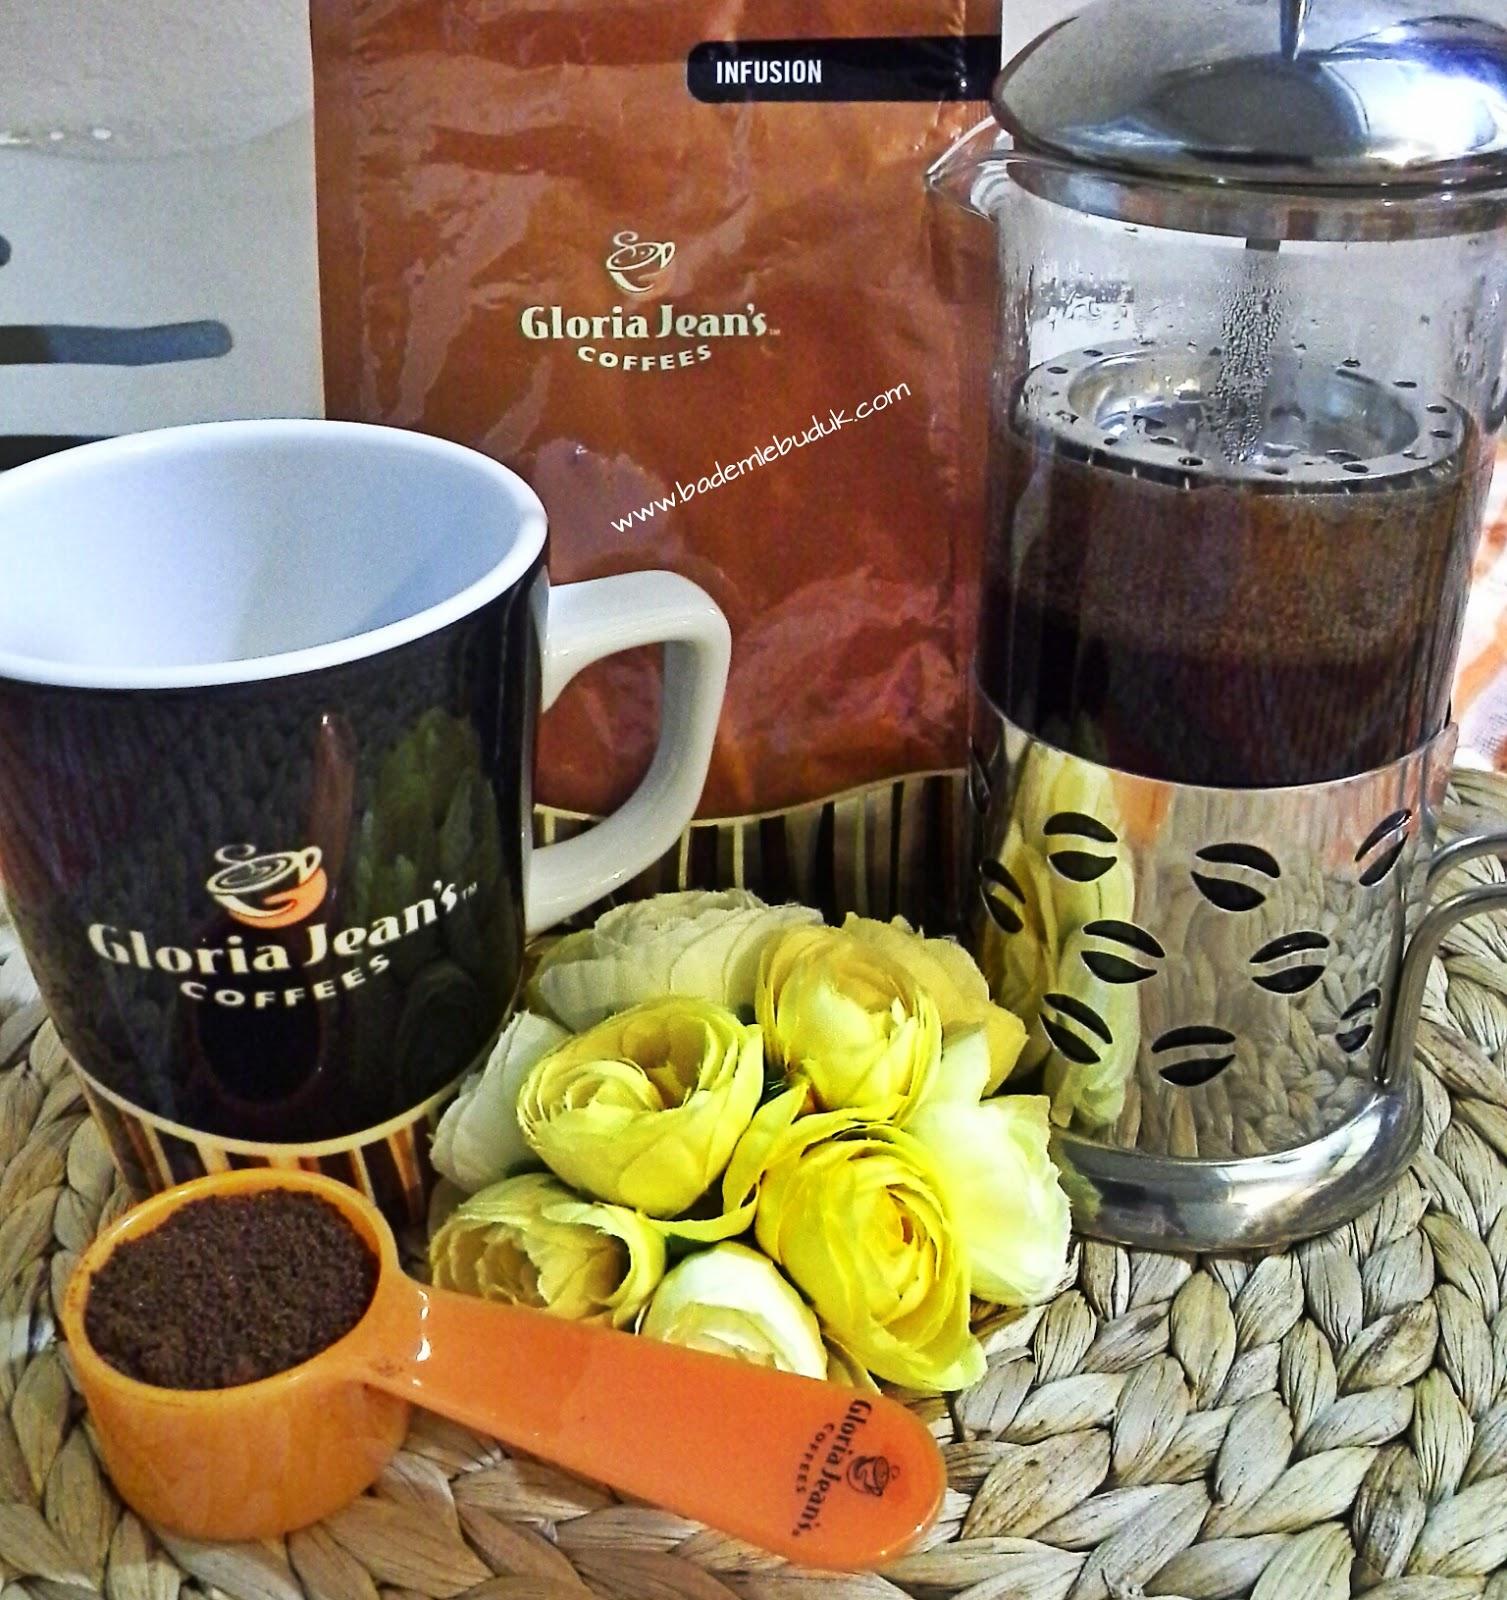 Zayıflatma Özelliği Olan Kahve ile Yakalayabileceğiniz 12 Özel An